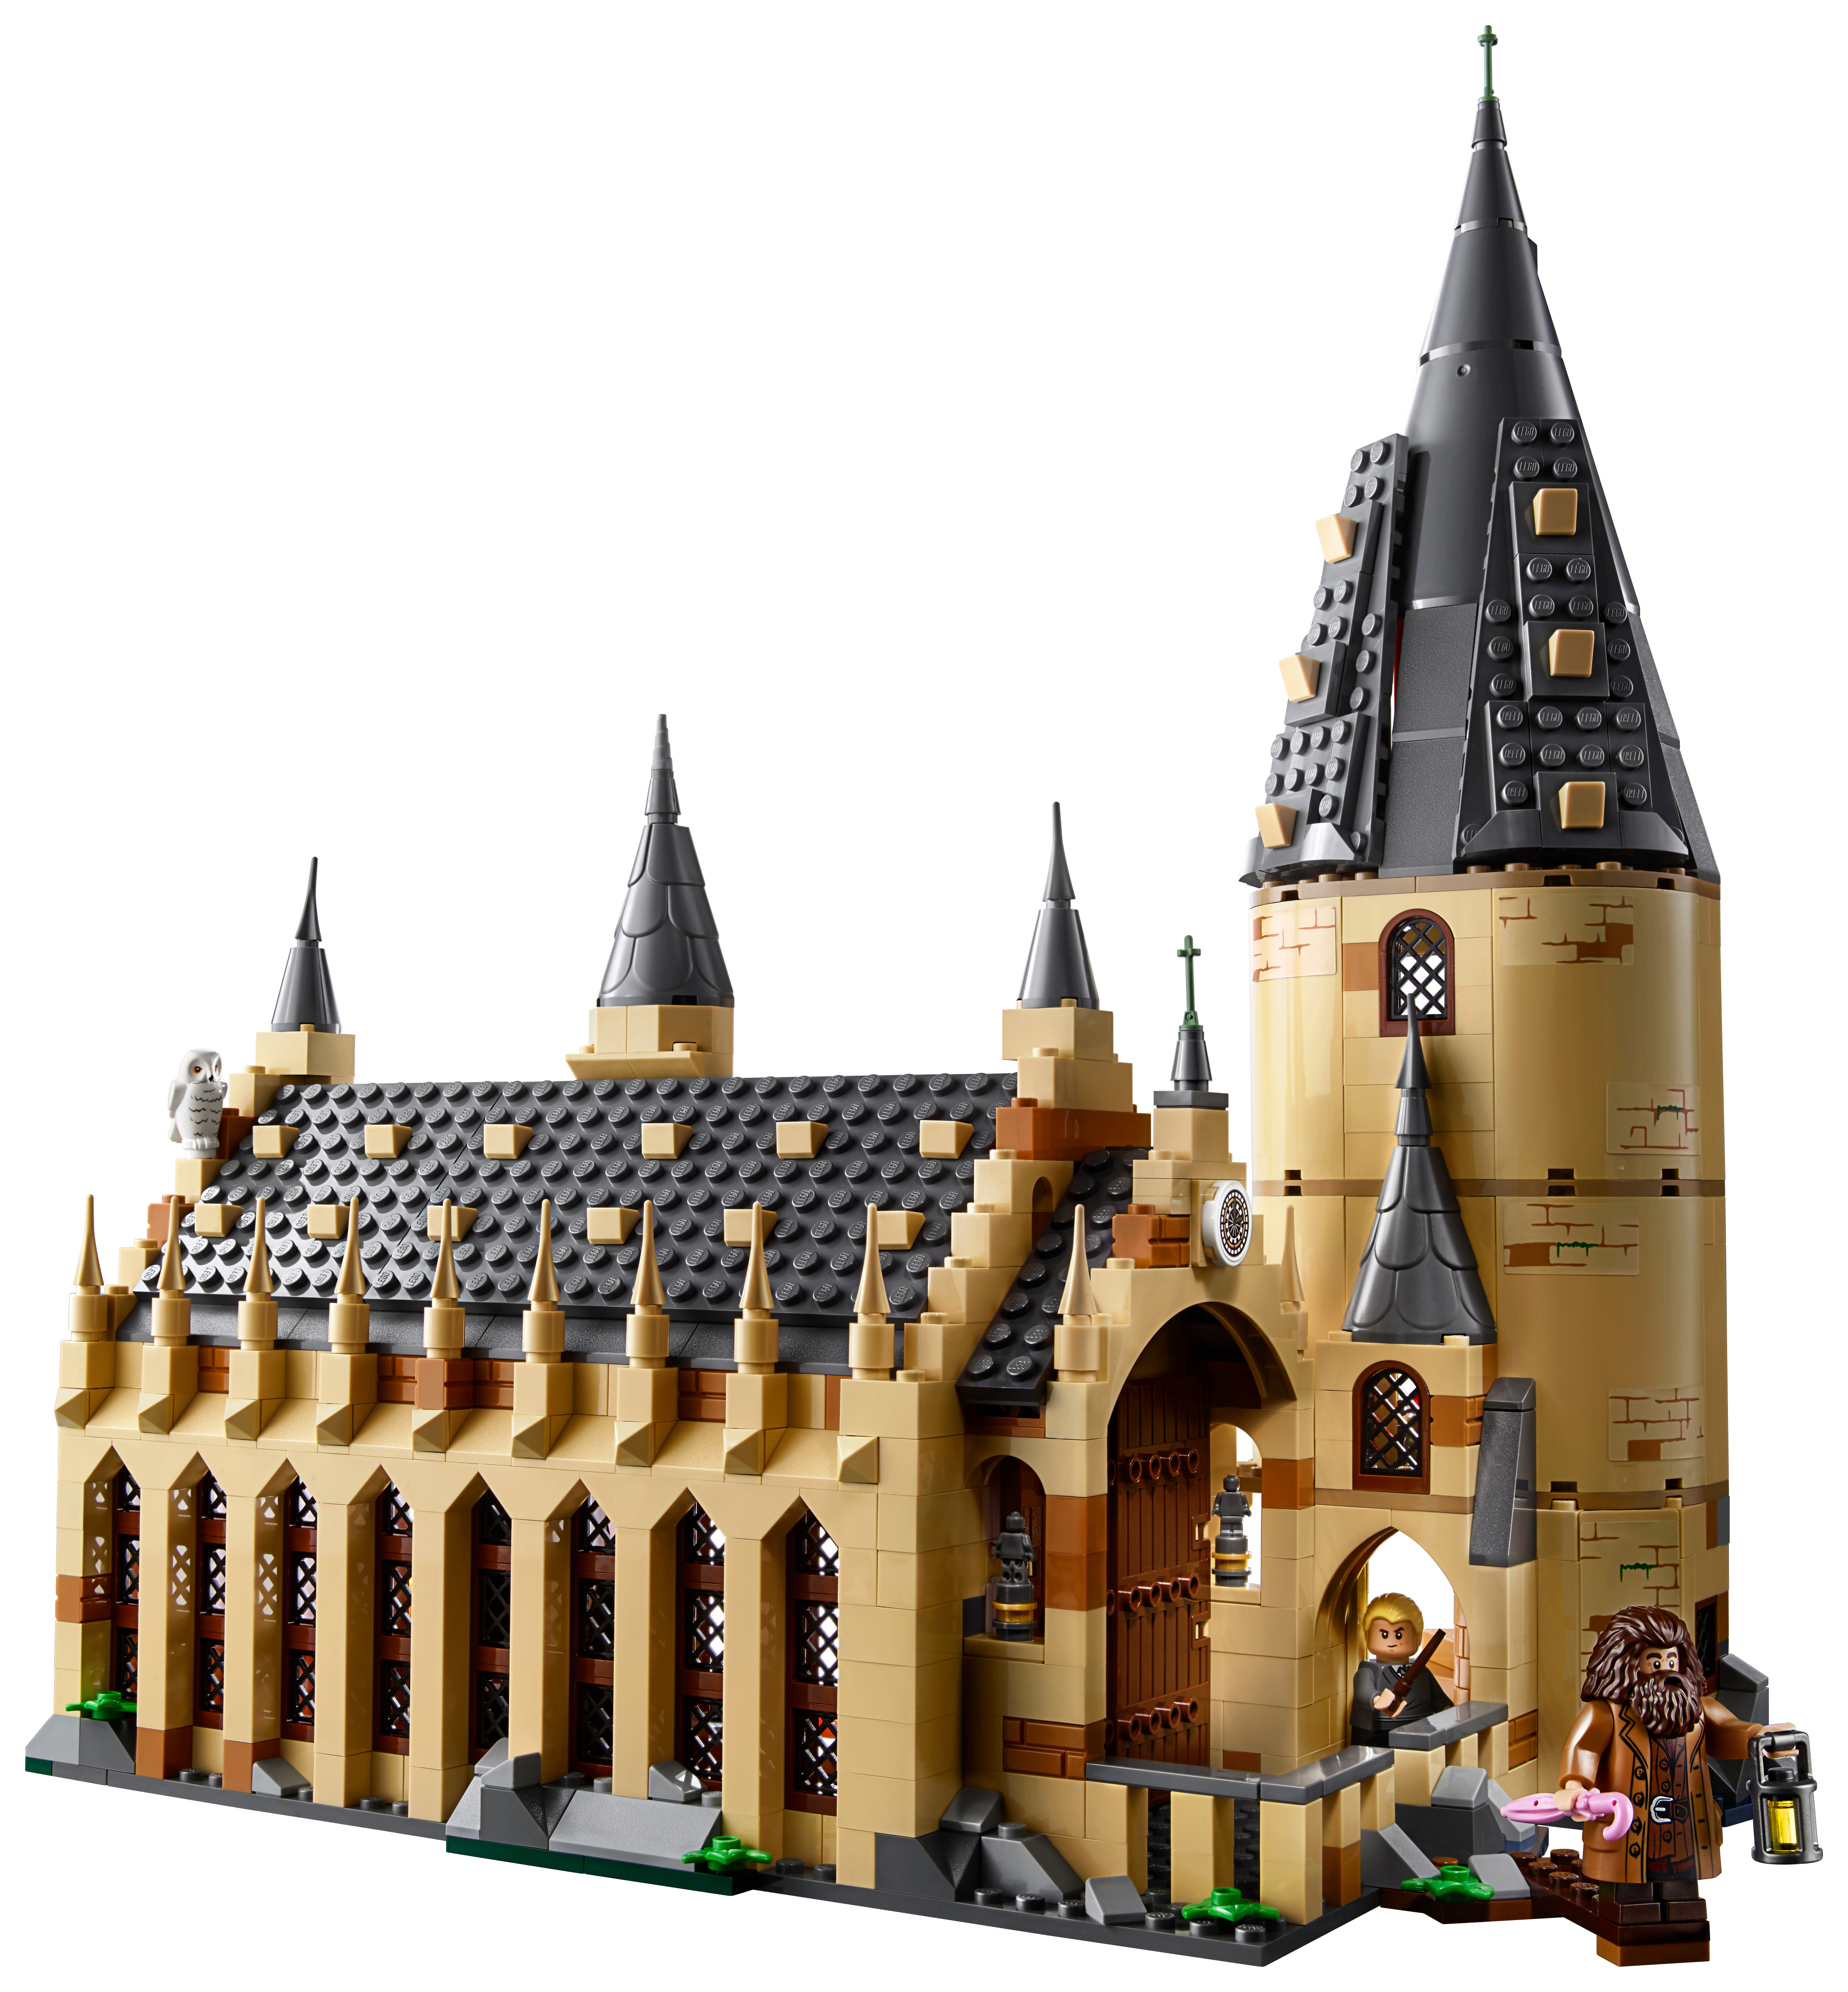 LEGO Harry Potter Minifigures LOT Voldemort,Dumbledore,Ron,Hagrid,Harry,Draco